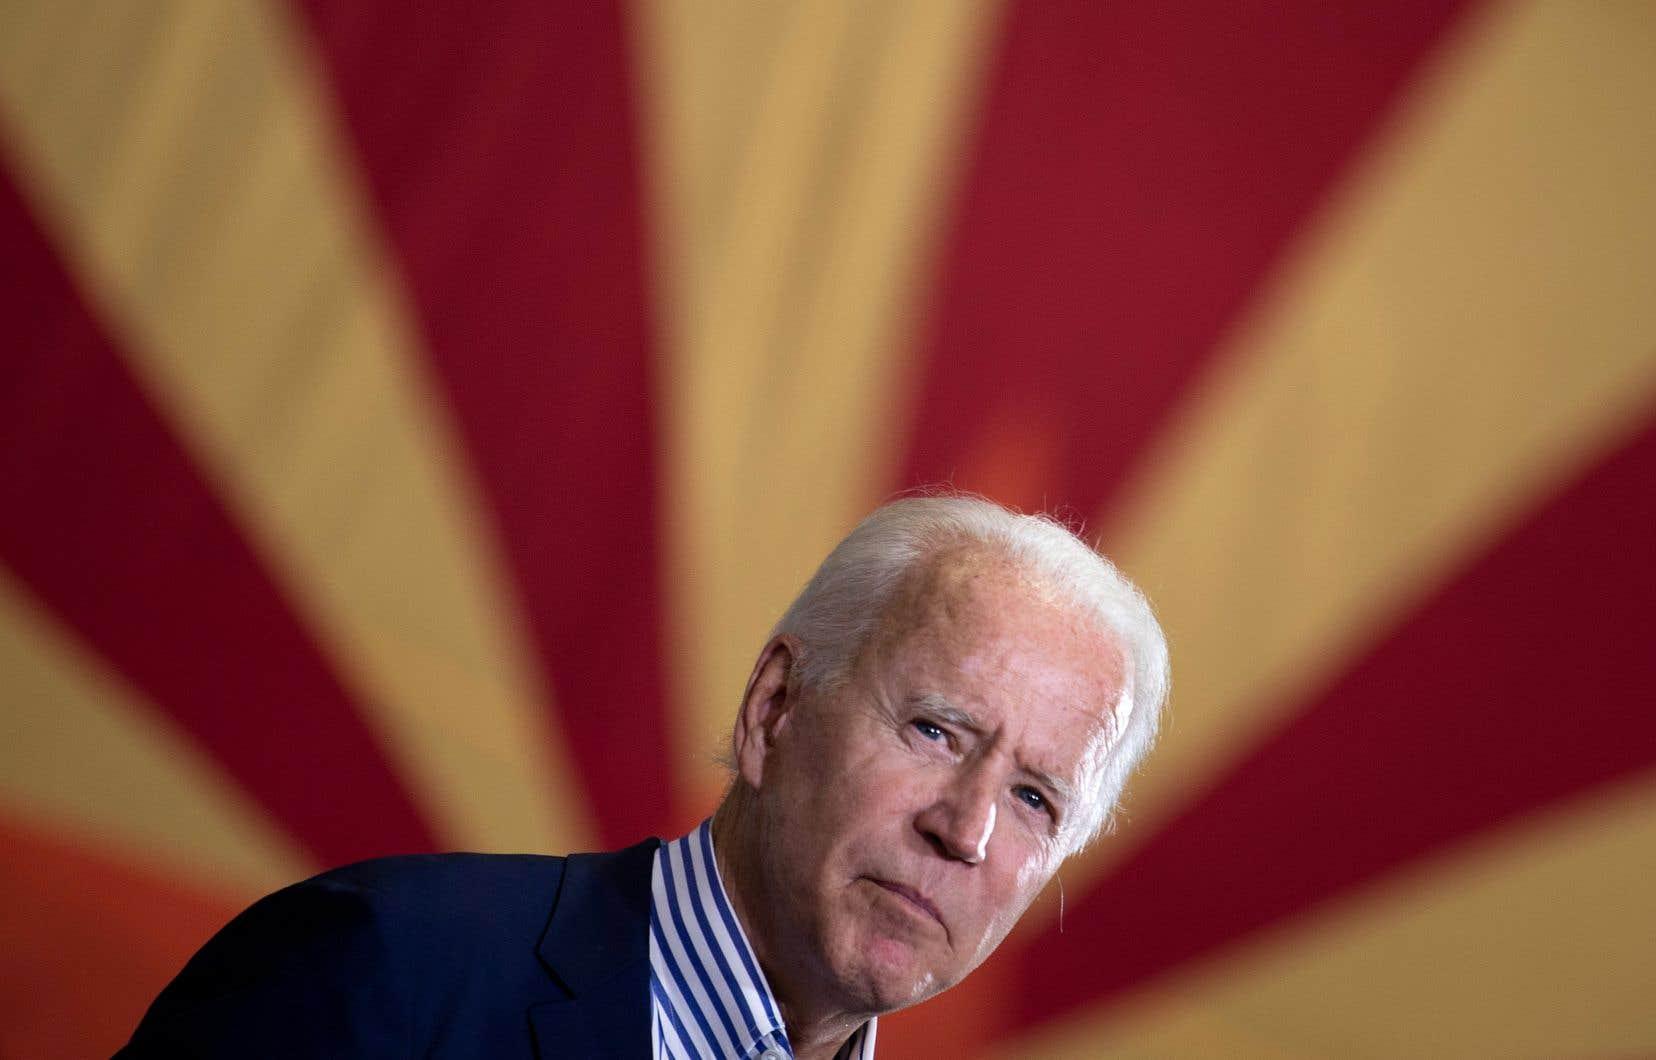 Dans l'Arizona, Joe Biden remporte une courte victoire, par 10457 voix d'avance dans un État où près de 3,5millions d'électeurs ont voté.